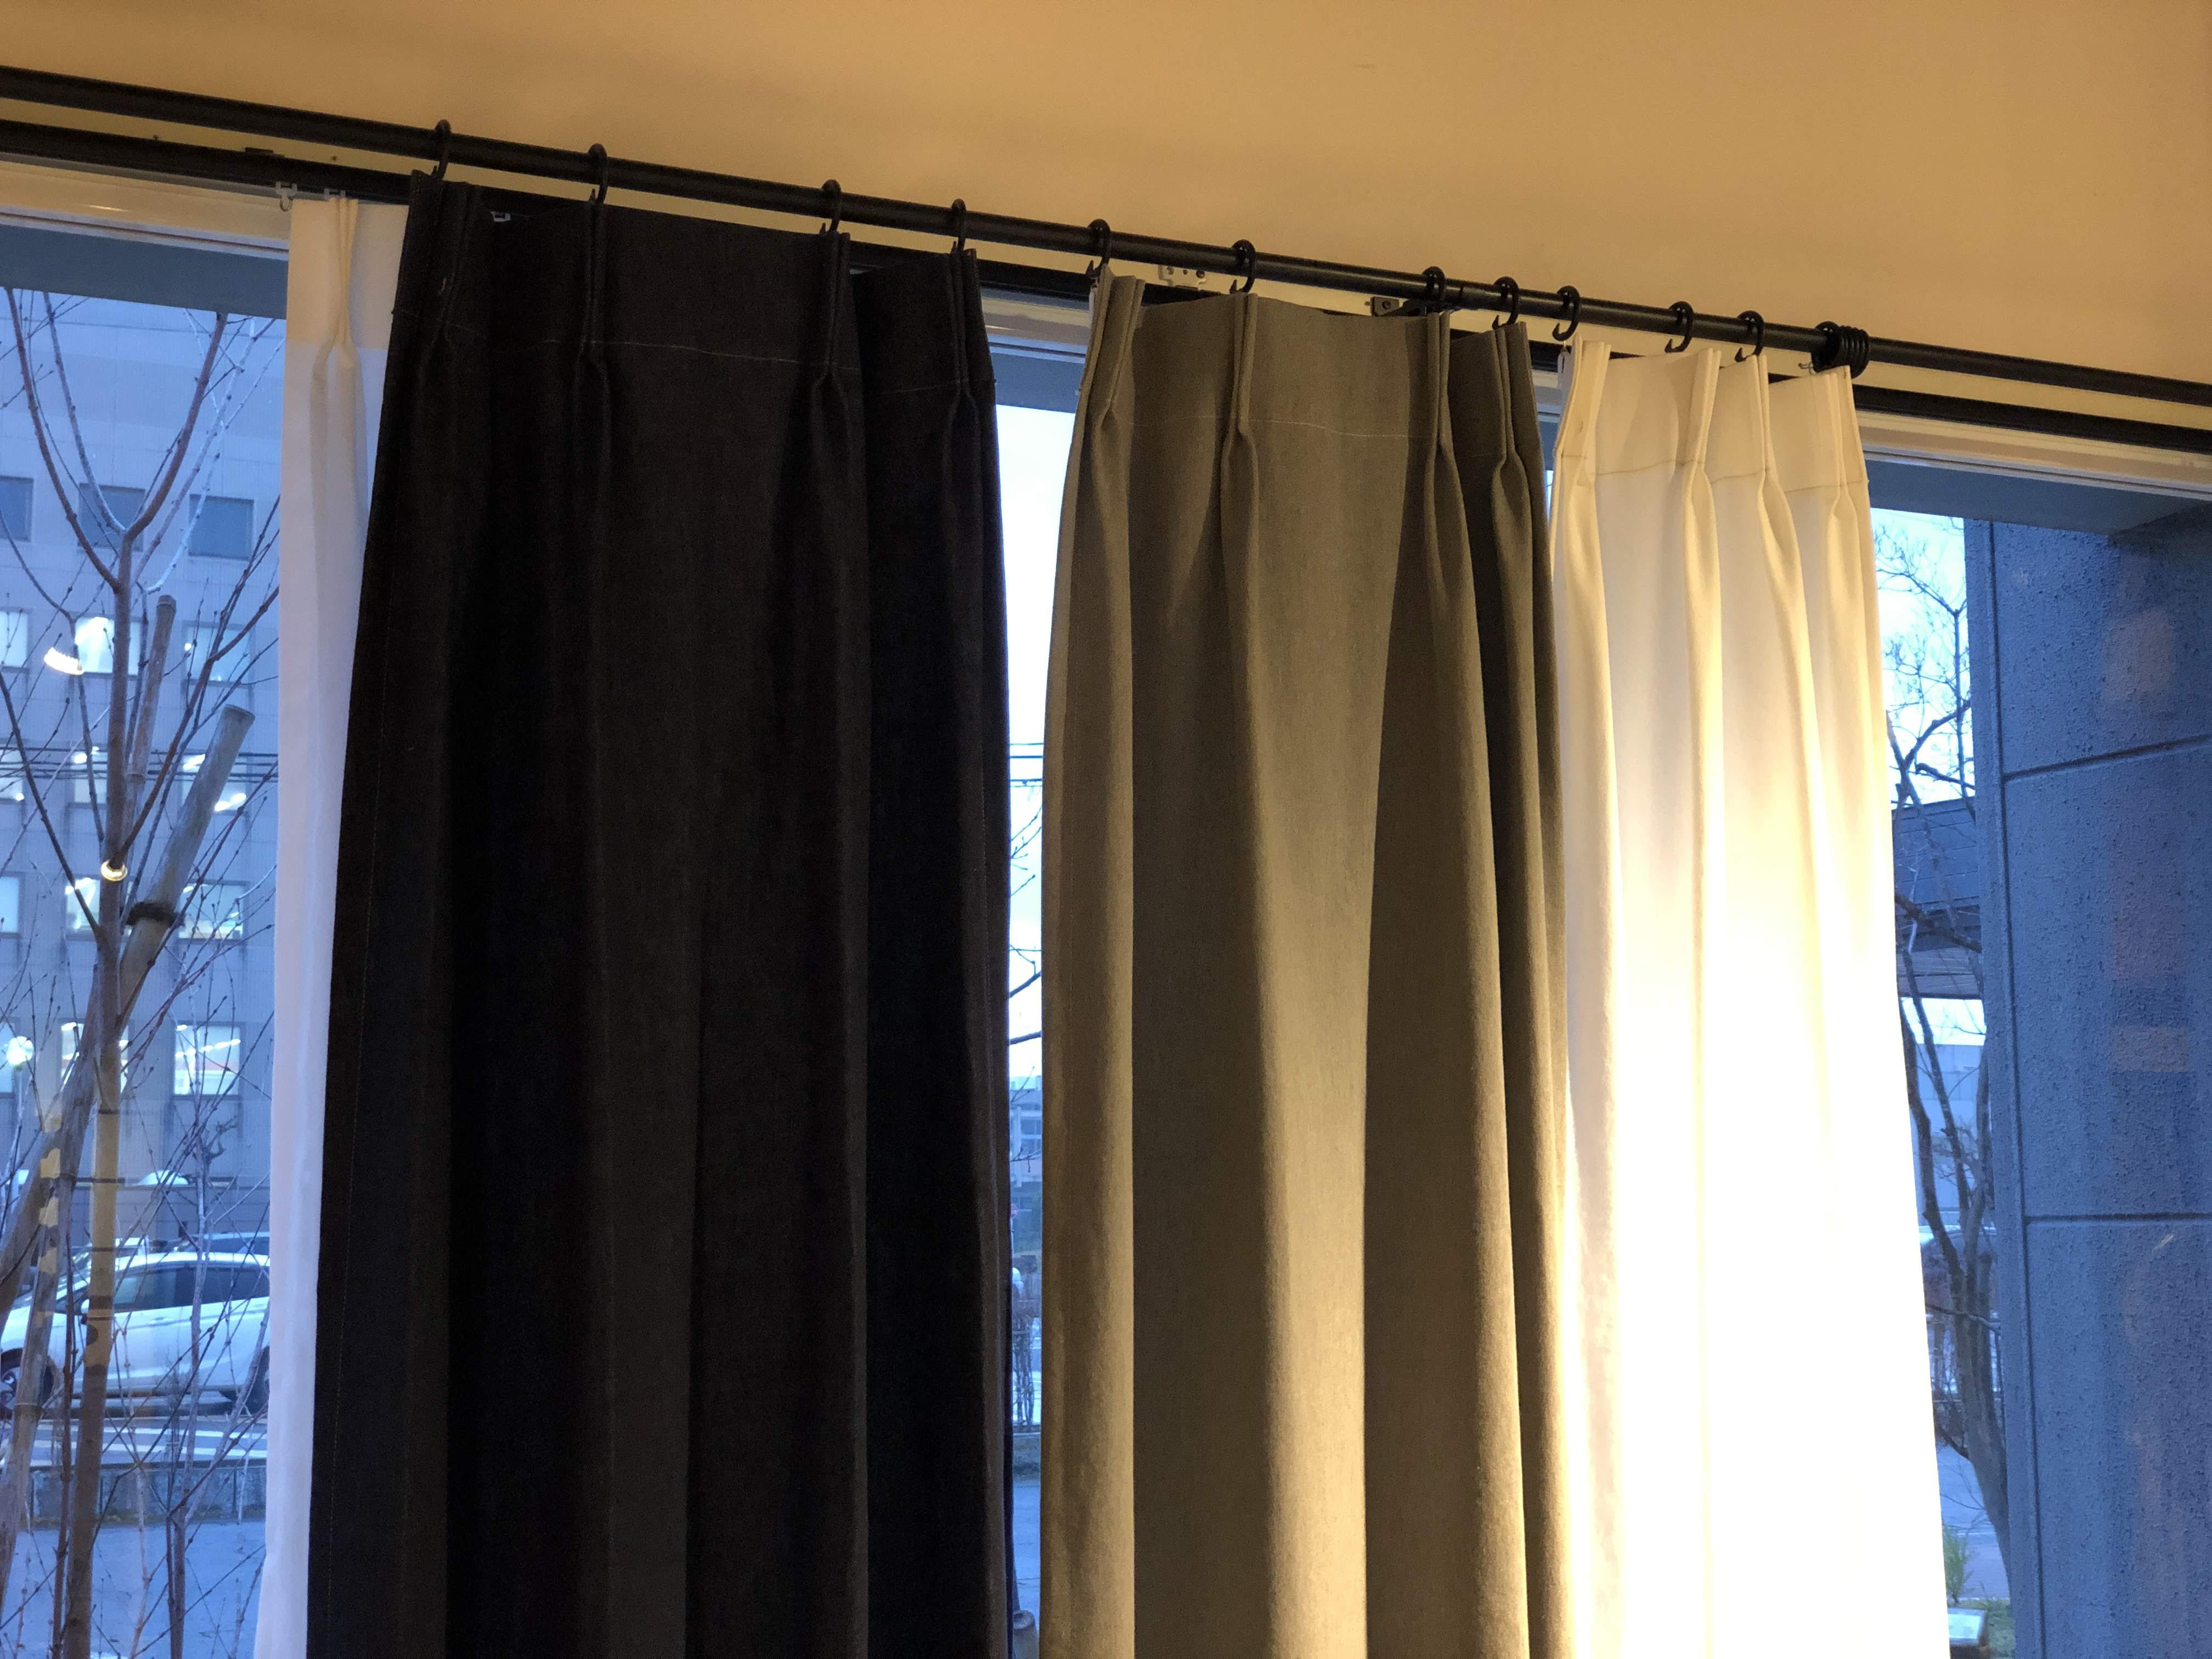 新潟市のデニムコットン生地のカーテン入荷致しました